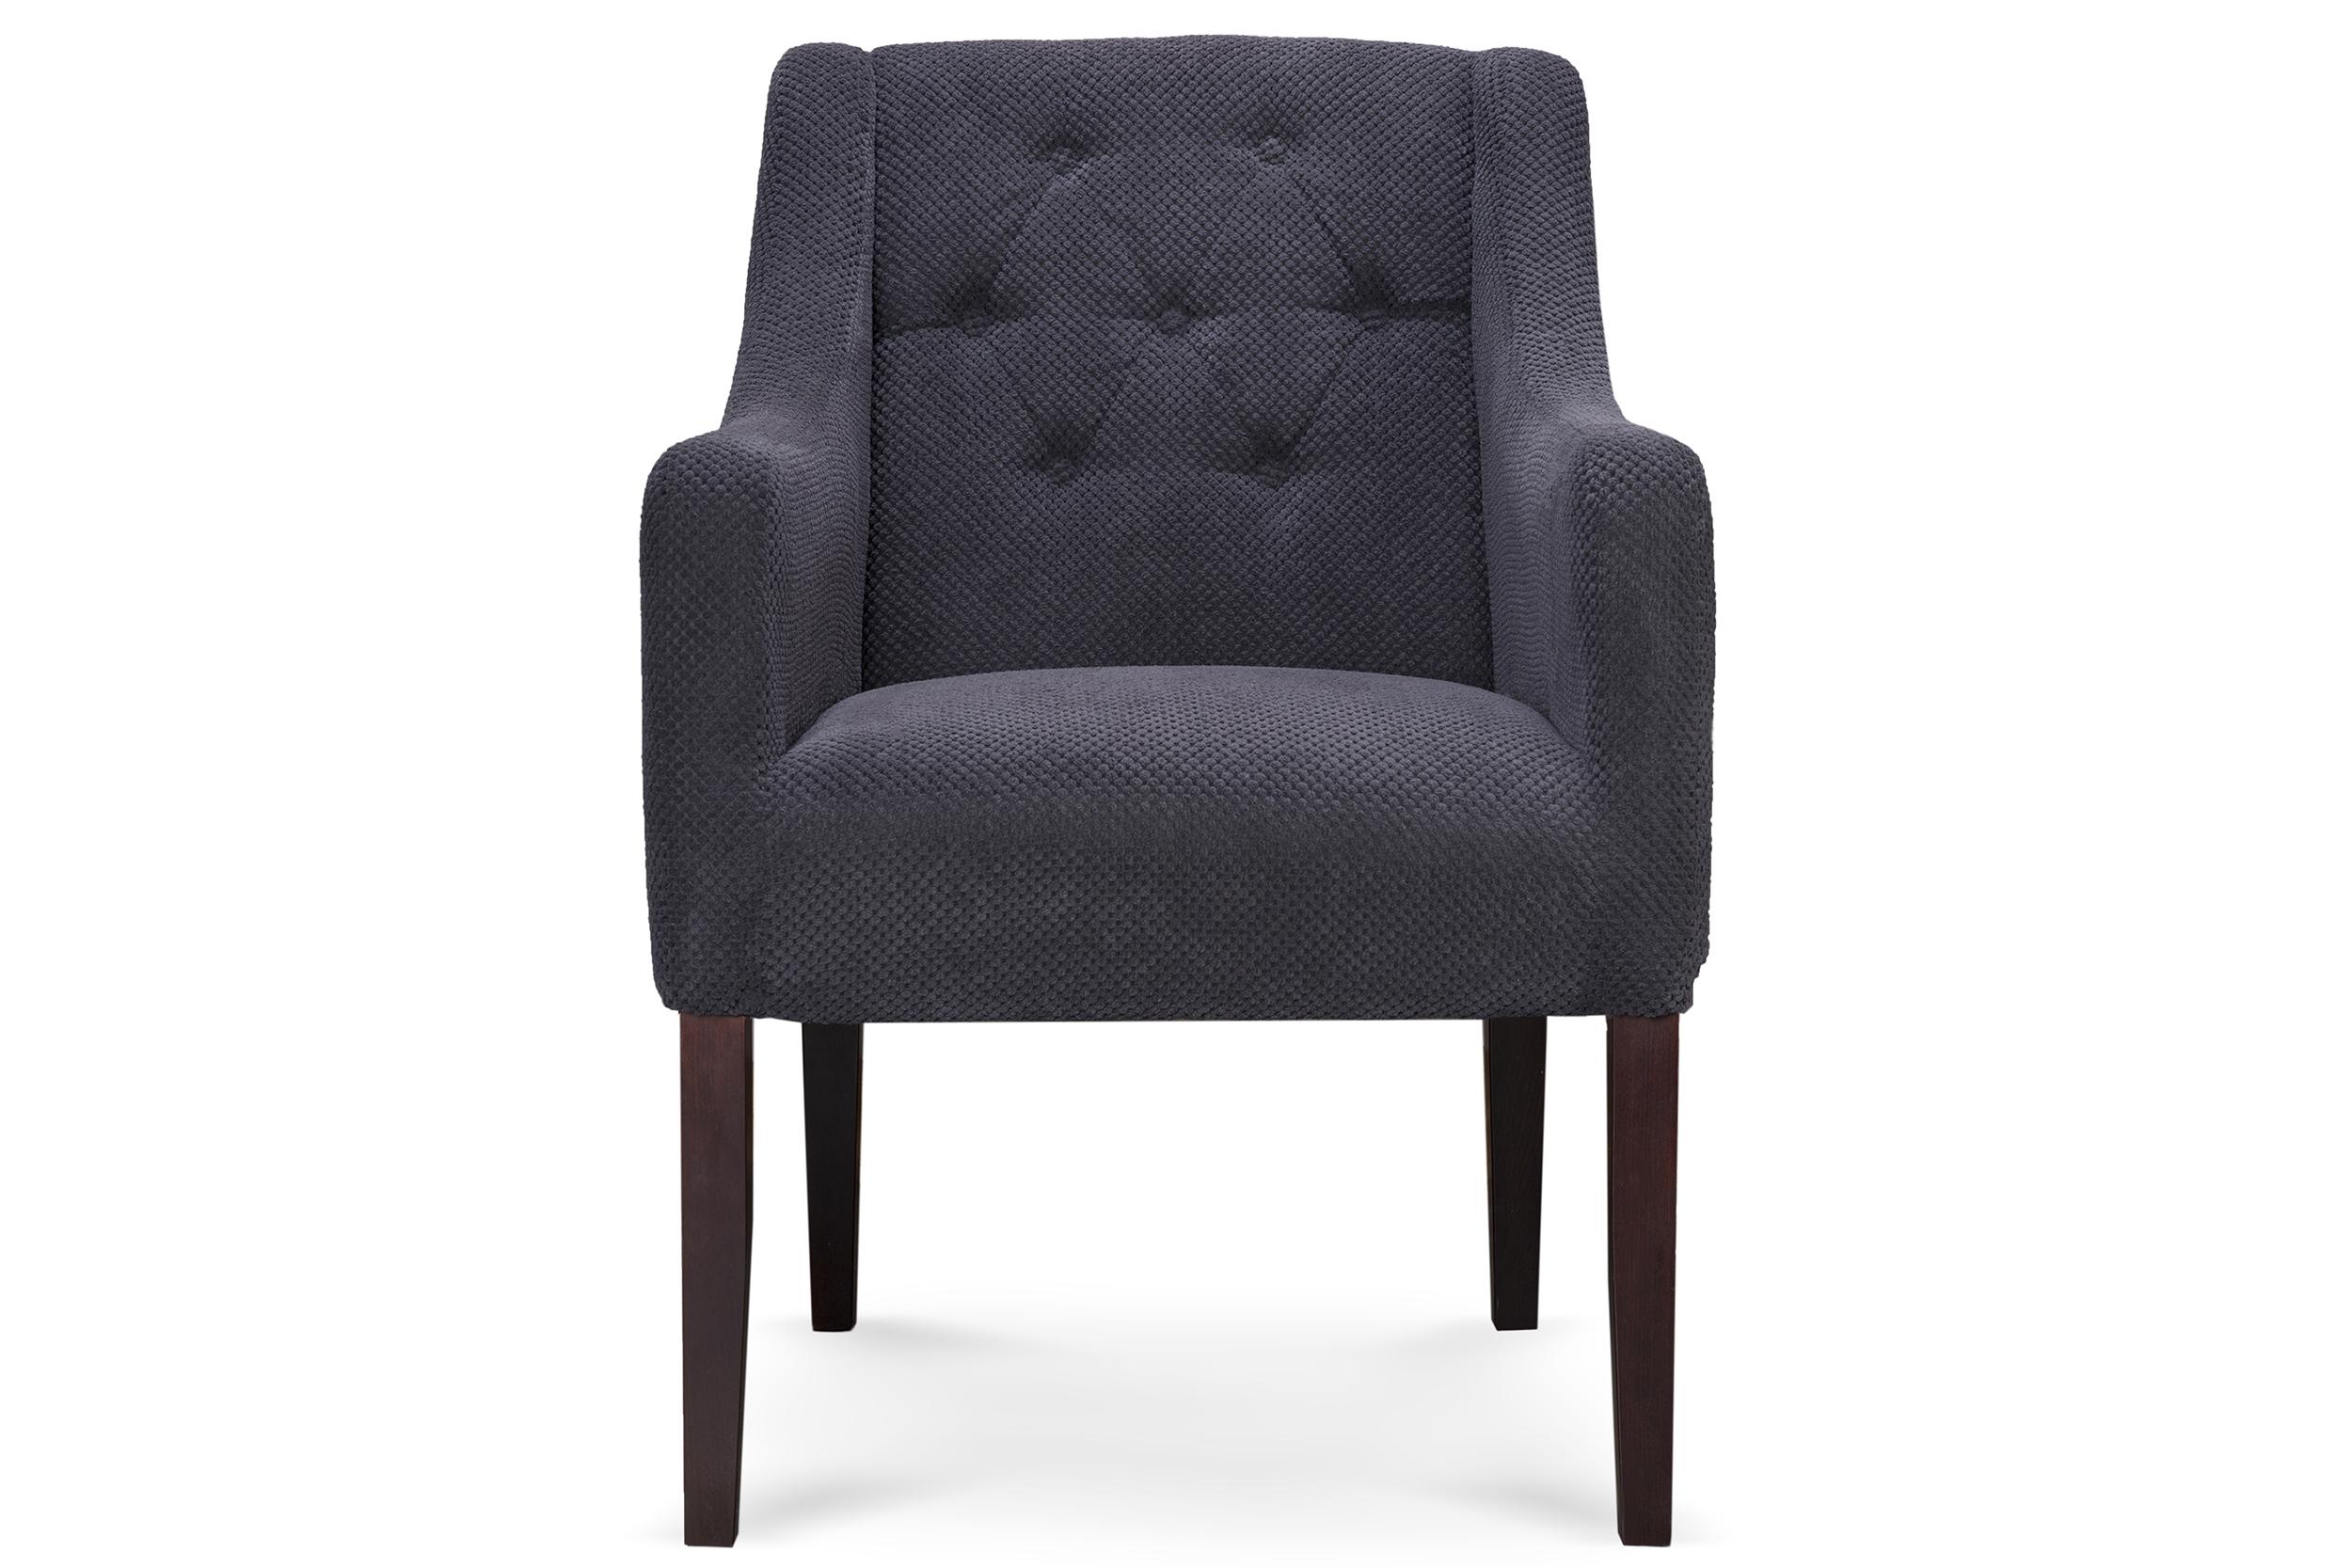 Кресло ToledoПолукресла<br>&amp;lt;div&amp;gt;Высокие элегантные ножки придают креслу &amp;quot;Londo&amp;quot; парящий вид, а благодаря классическим &amp;quot;английским&amp;quot; очертаниям его можно размещать как в столовой, так и в спальне.&amp;lt;/div&amp;gt;&amp;lt;div&amp;gt;&amp;lt;br&amp;gt;&amp;lt;/div&amp;gt;Высота сидения: 50 см.<br><br>Material: Текстиль<br>Ширина см: 62<br>Высота см: 91<br>Глубина см: 66